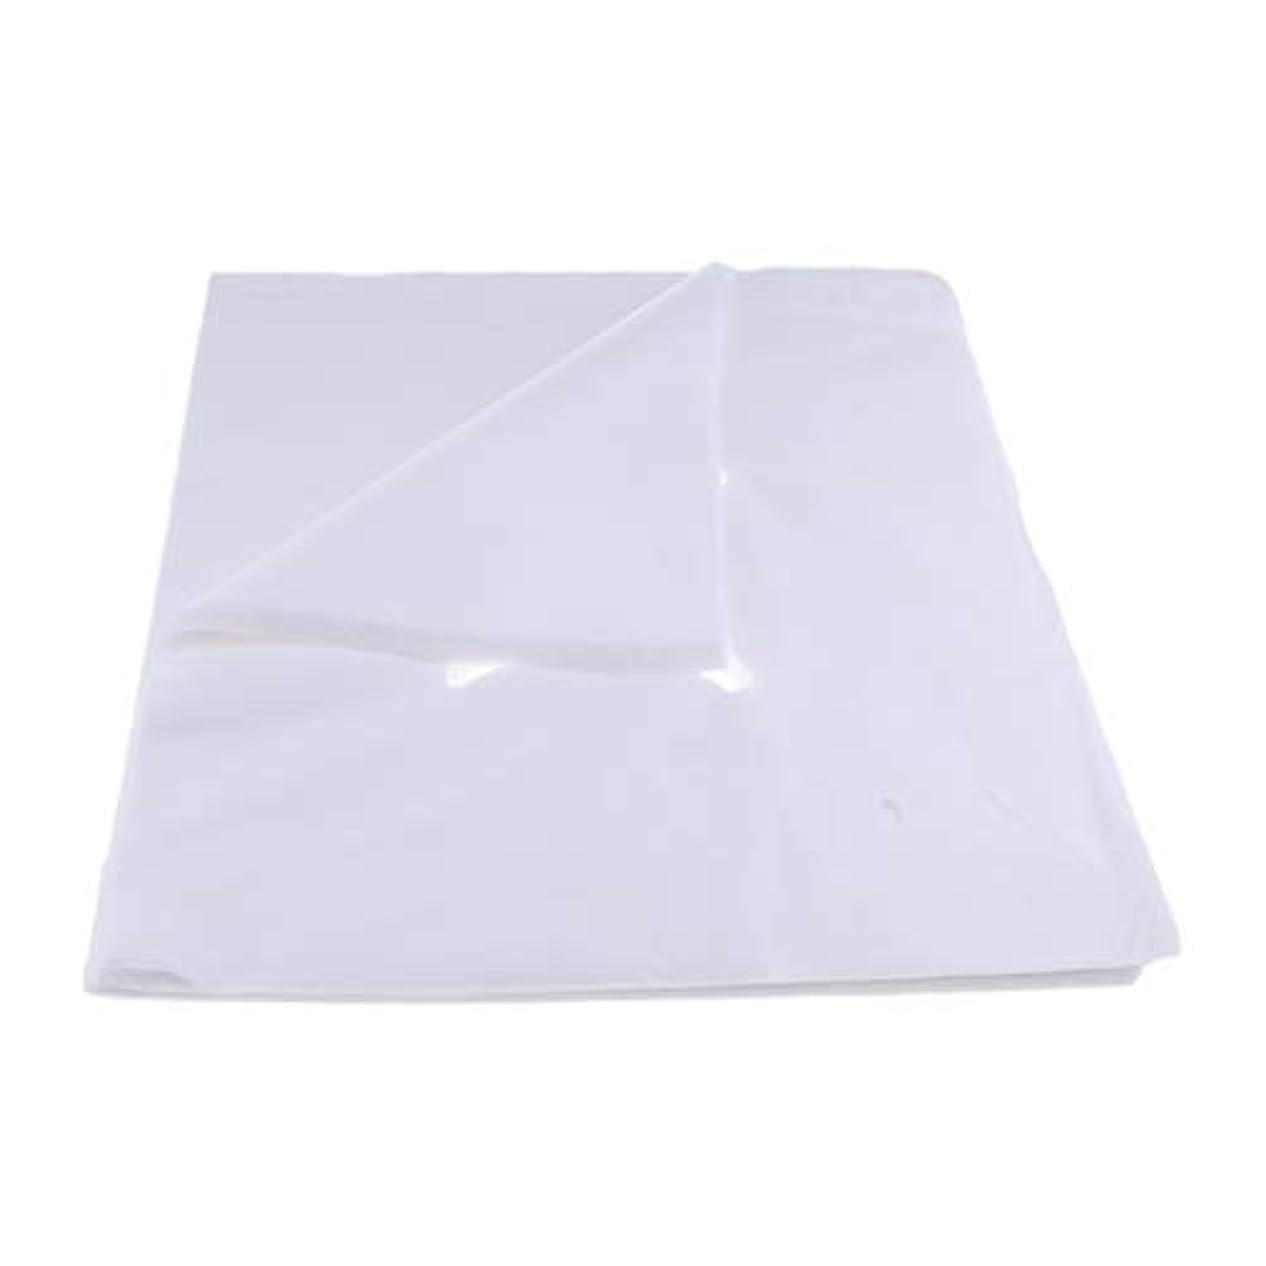 の中で組み込む非行200ピース不織布使い捨てマッサージベッドフェイスクレードルクッションシートカバー - L